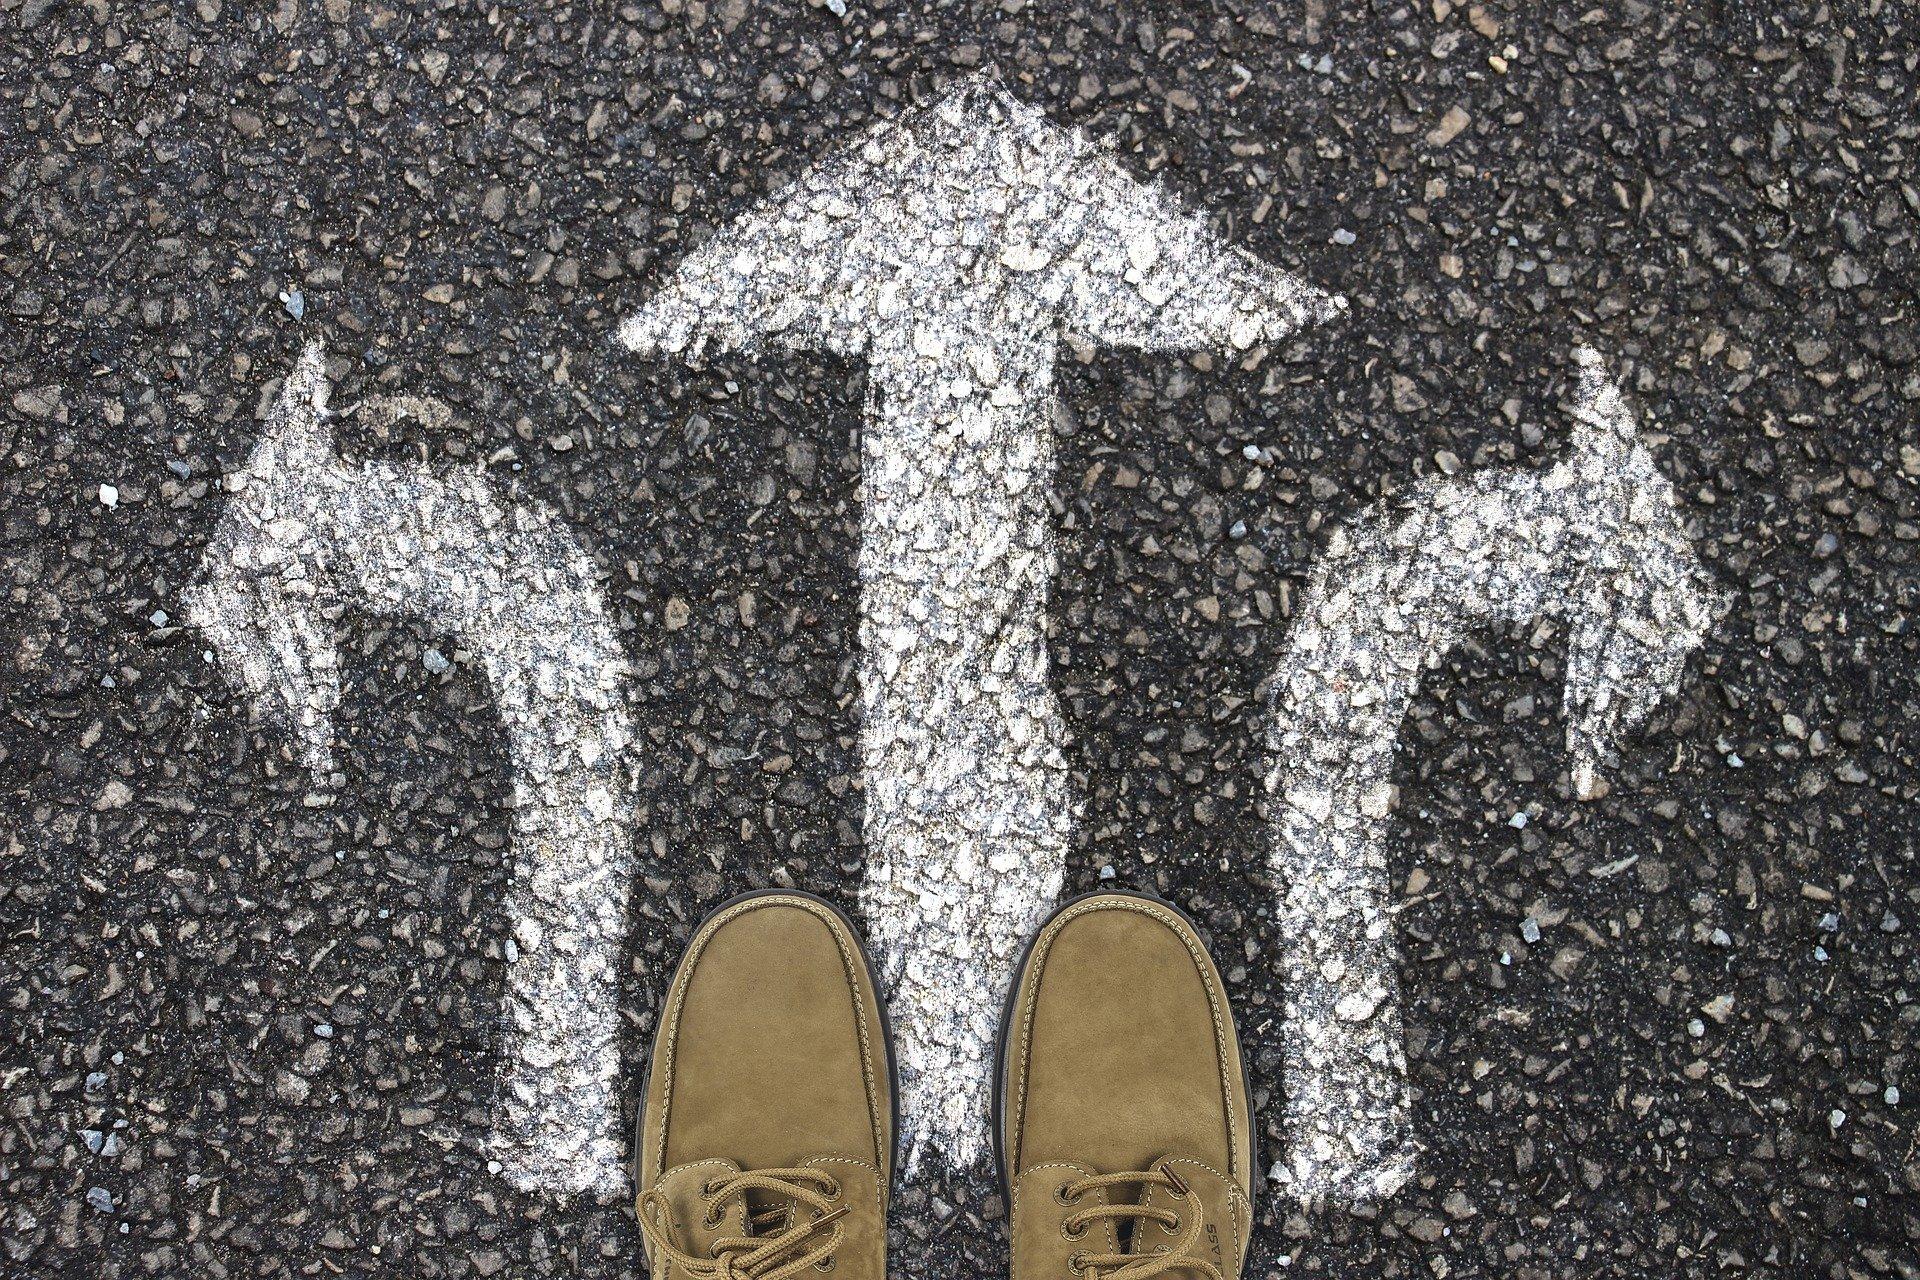 Widersprüche führen dazu, dass wir uns unsicher fühlen und nicht wissen, wie wir uns verhalten sollen.